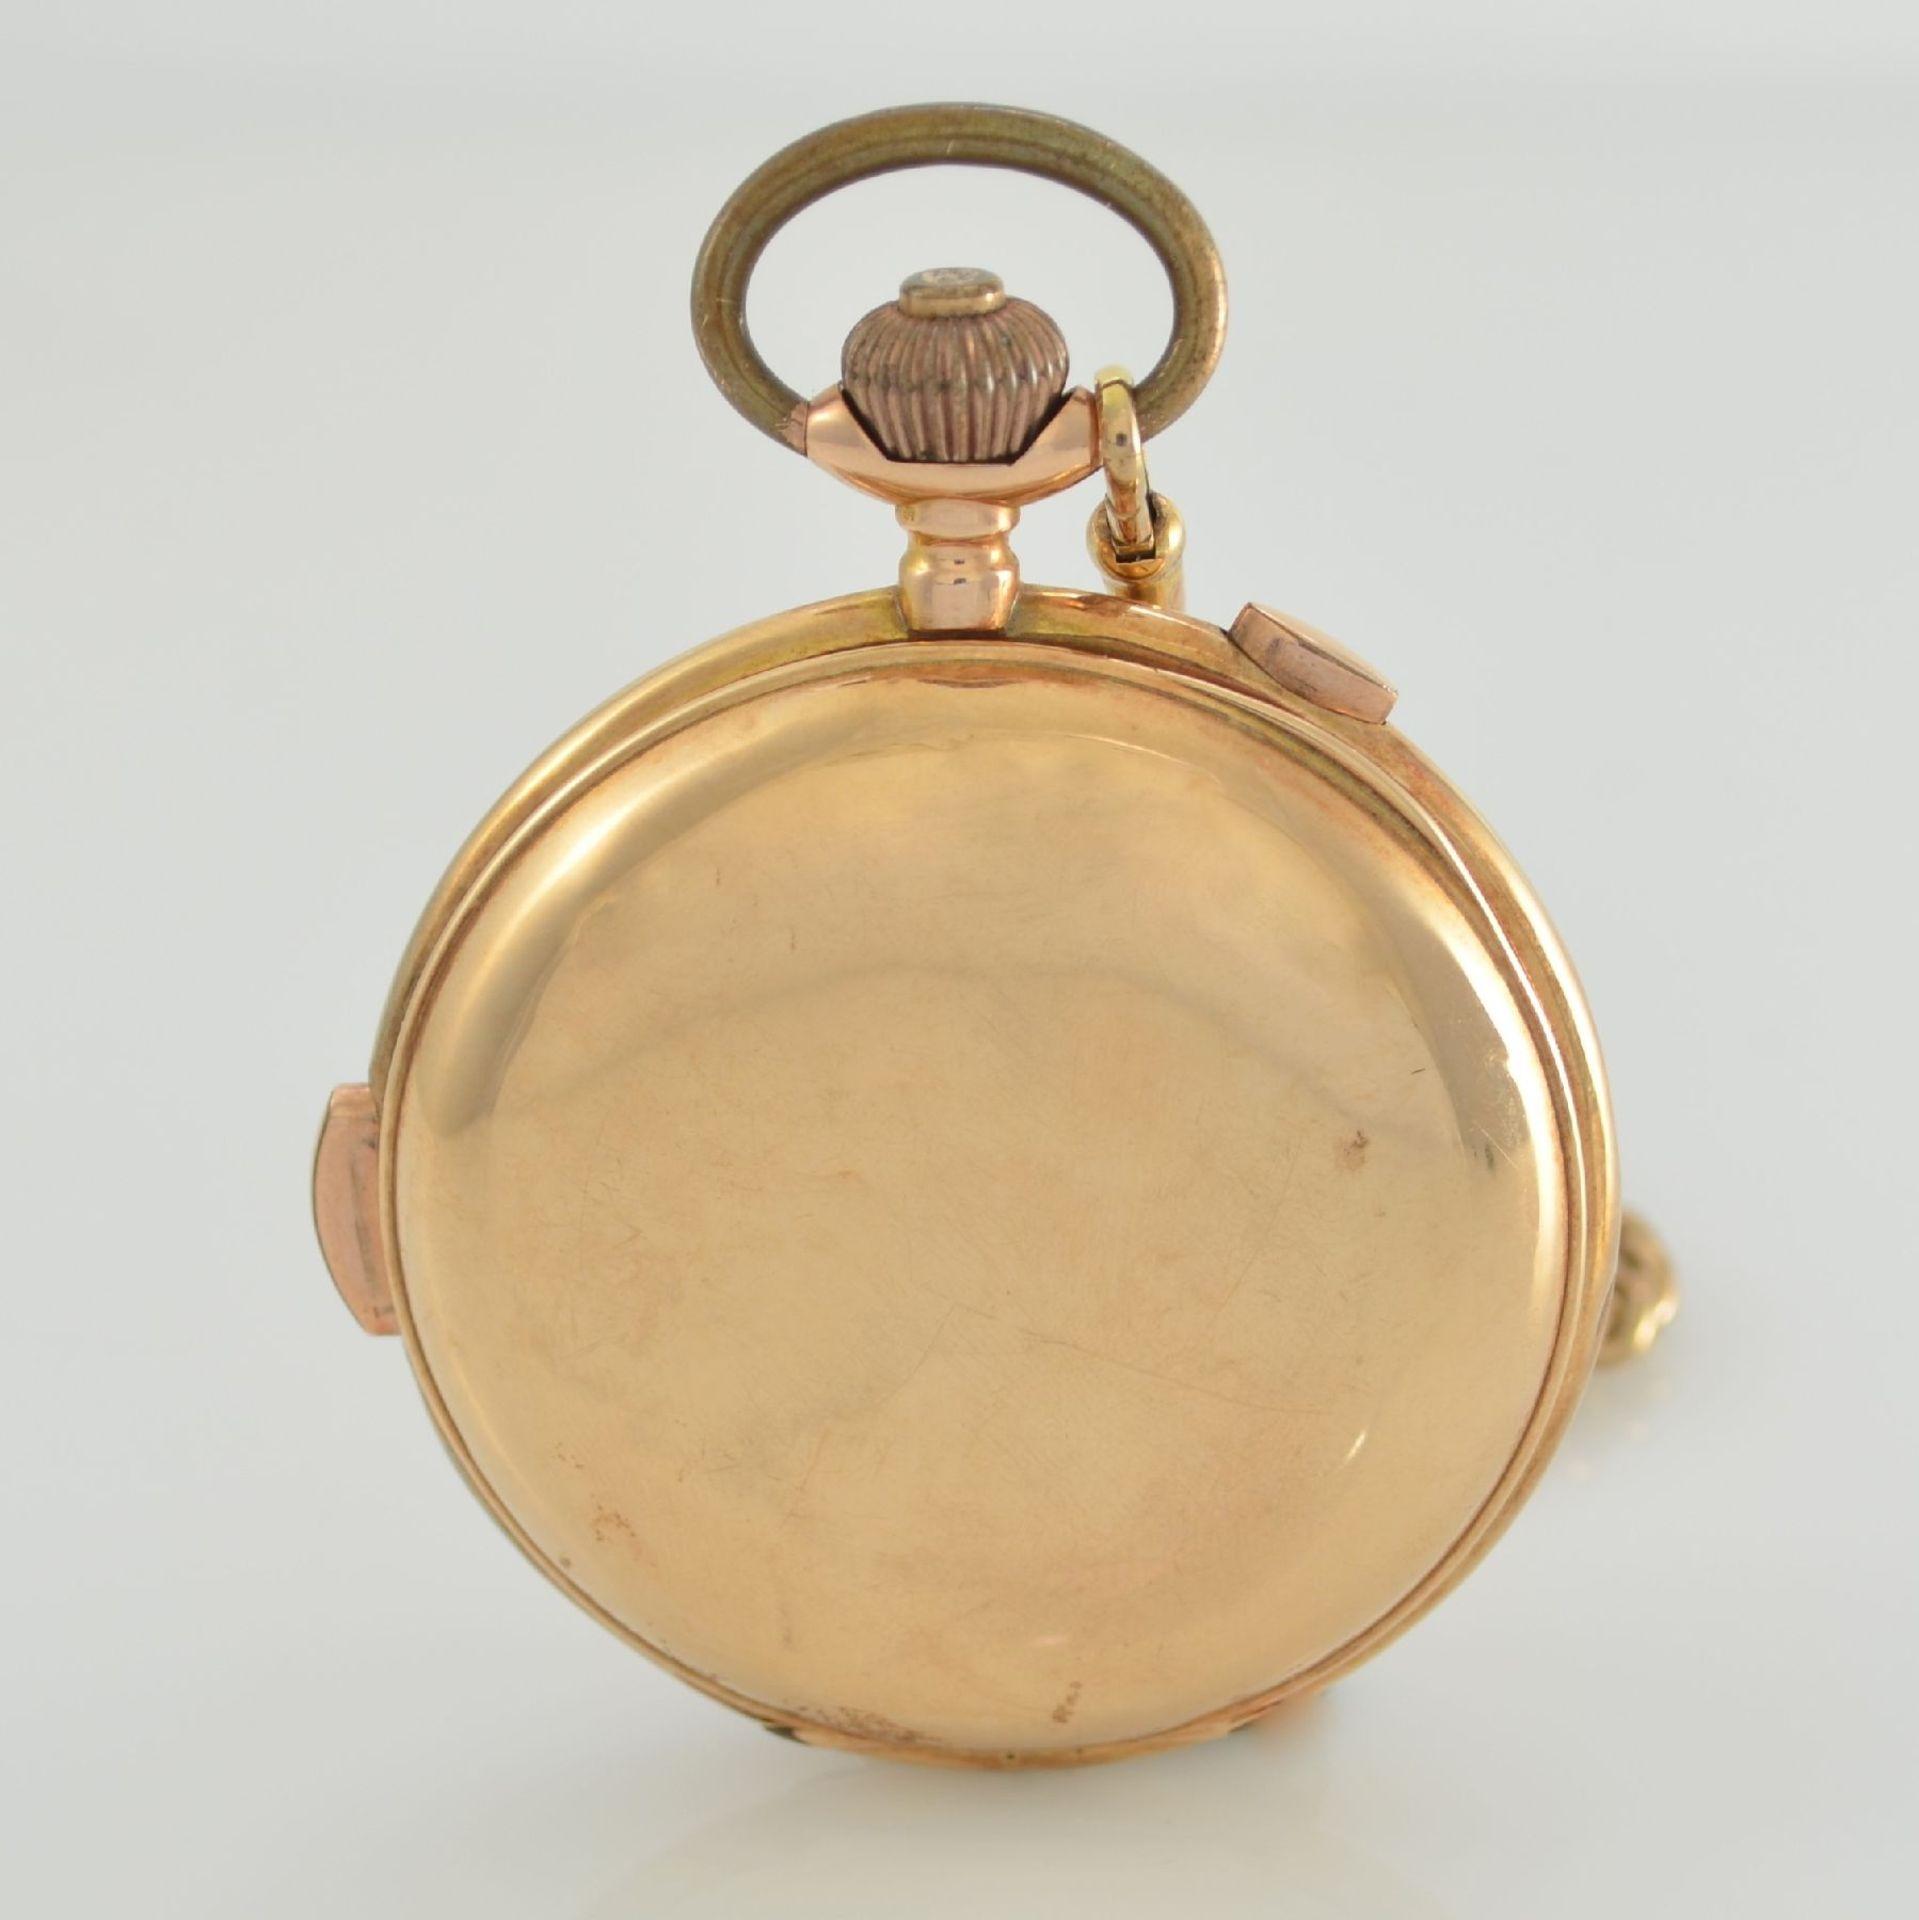 Savonette Herrentaschenuhr in RoseG 585/000 mit 1/4 Stunden Repetition und Chronograph, Schweiz um - Bild 9 aus 9